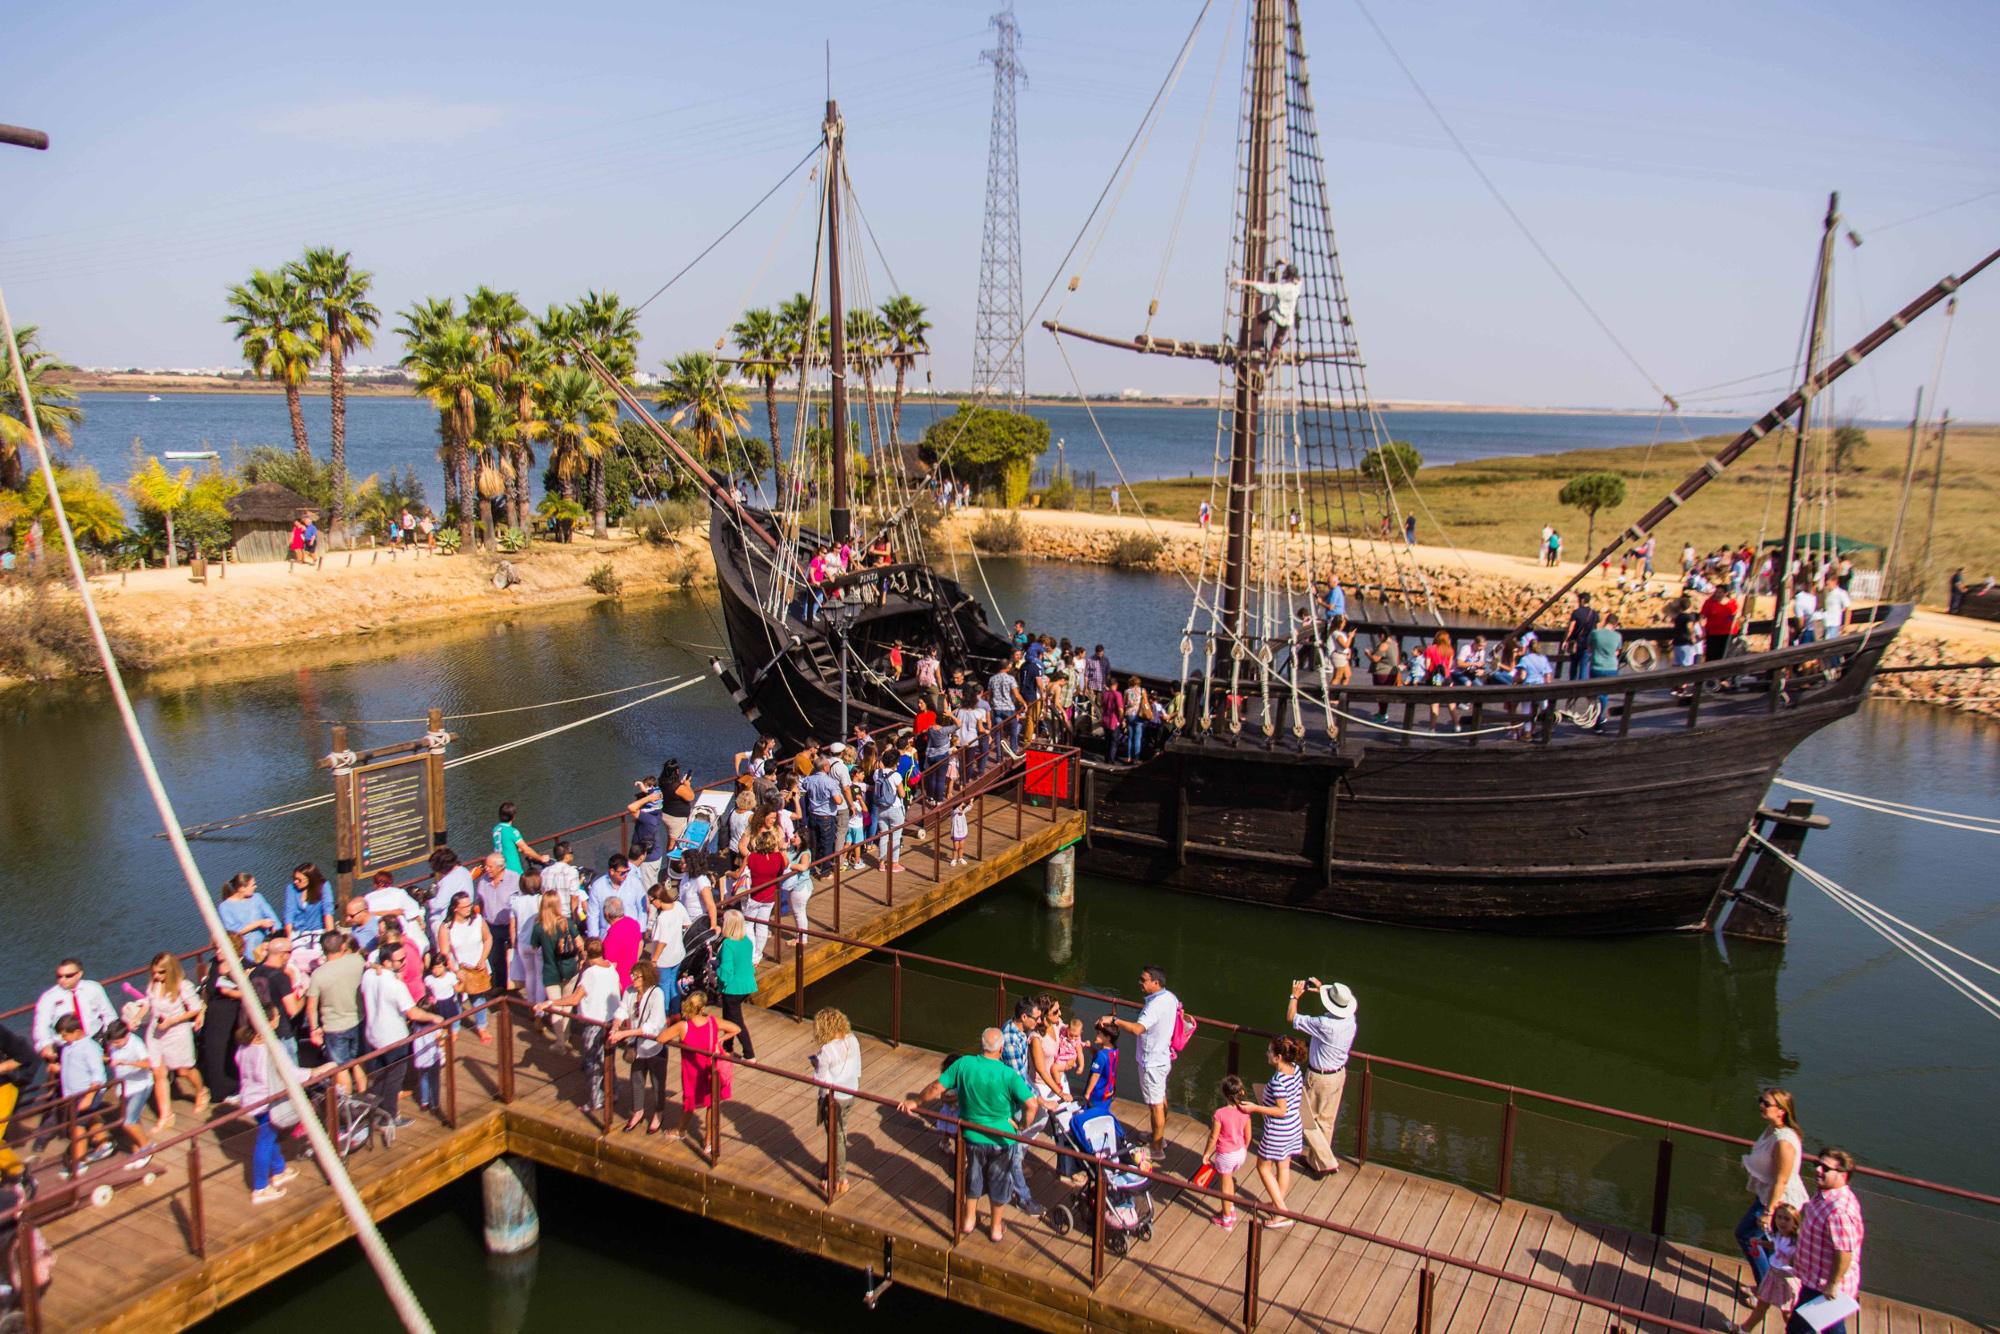 El Muelle de las Carabelas abre sus puertas el 3 de agosto con un programa de actividades culturales